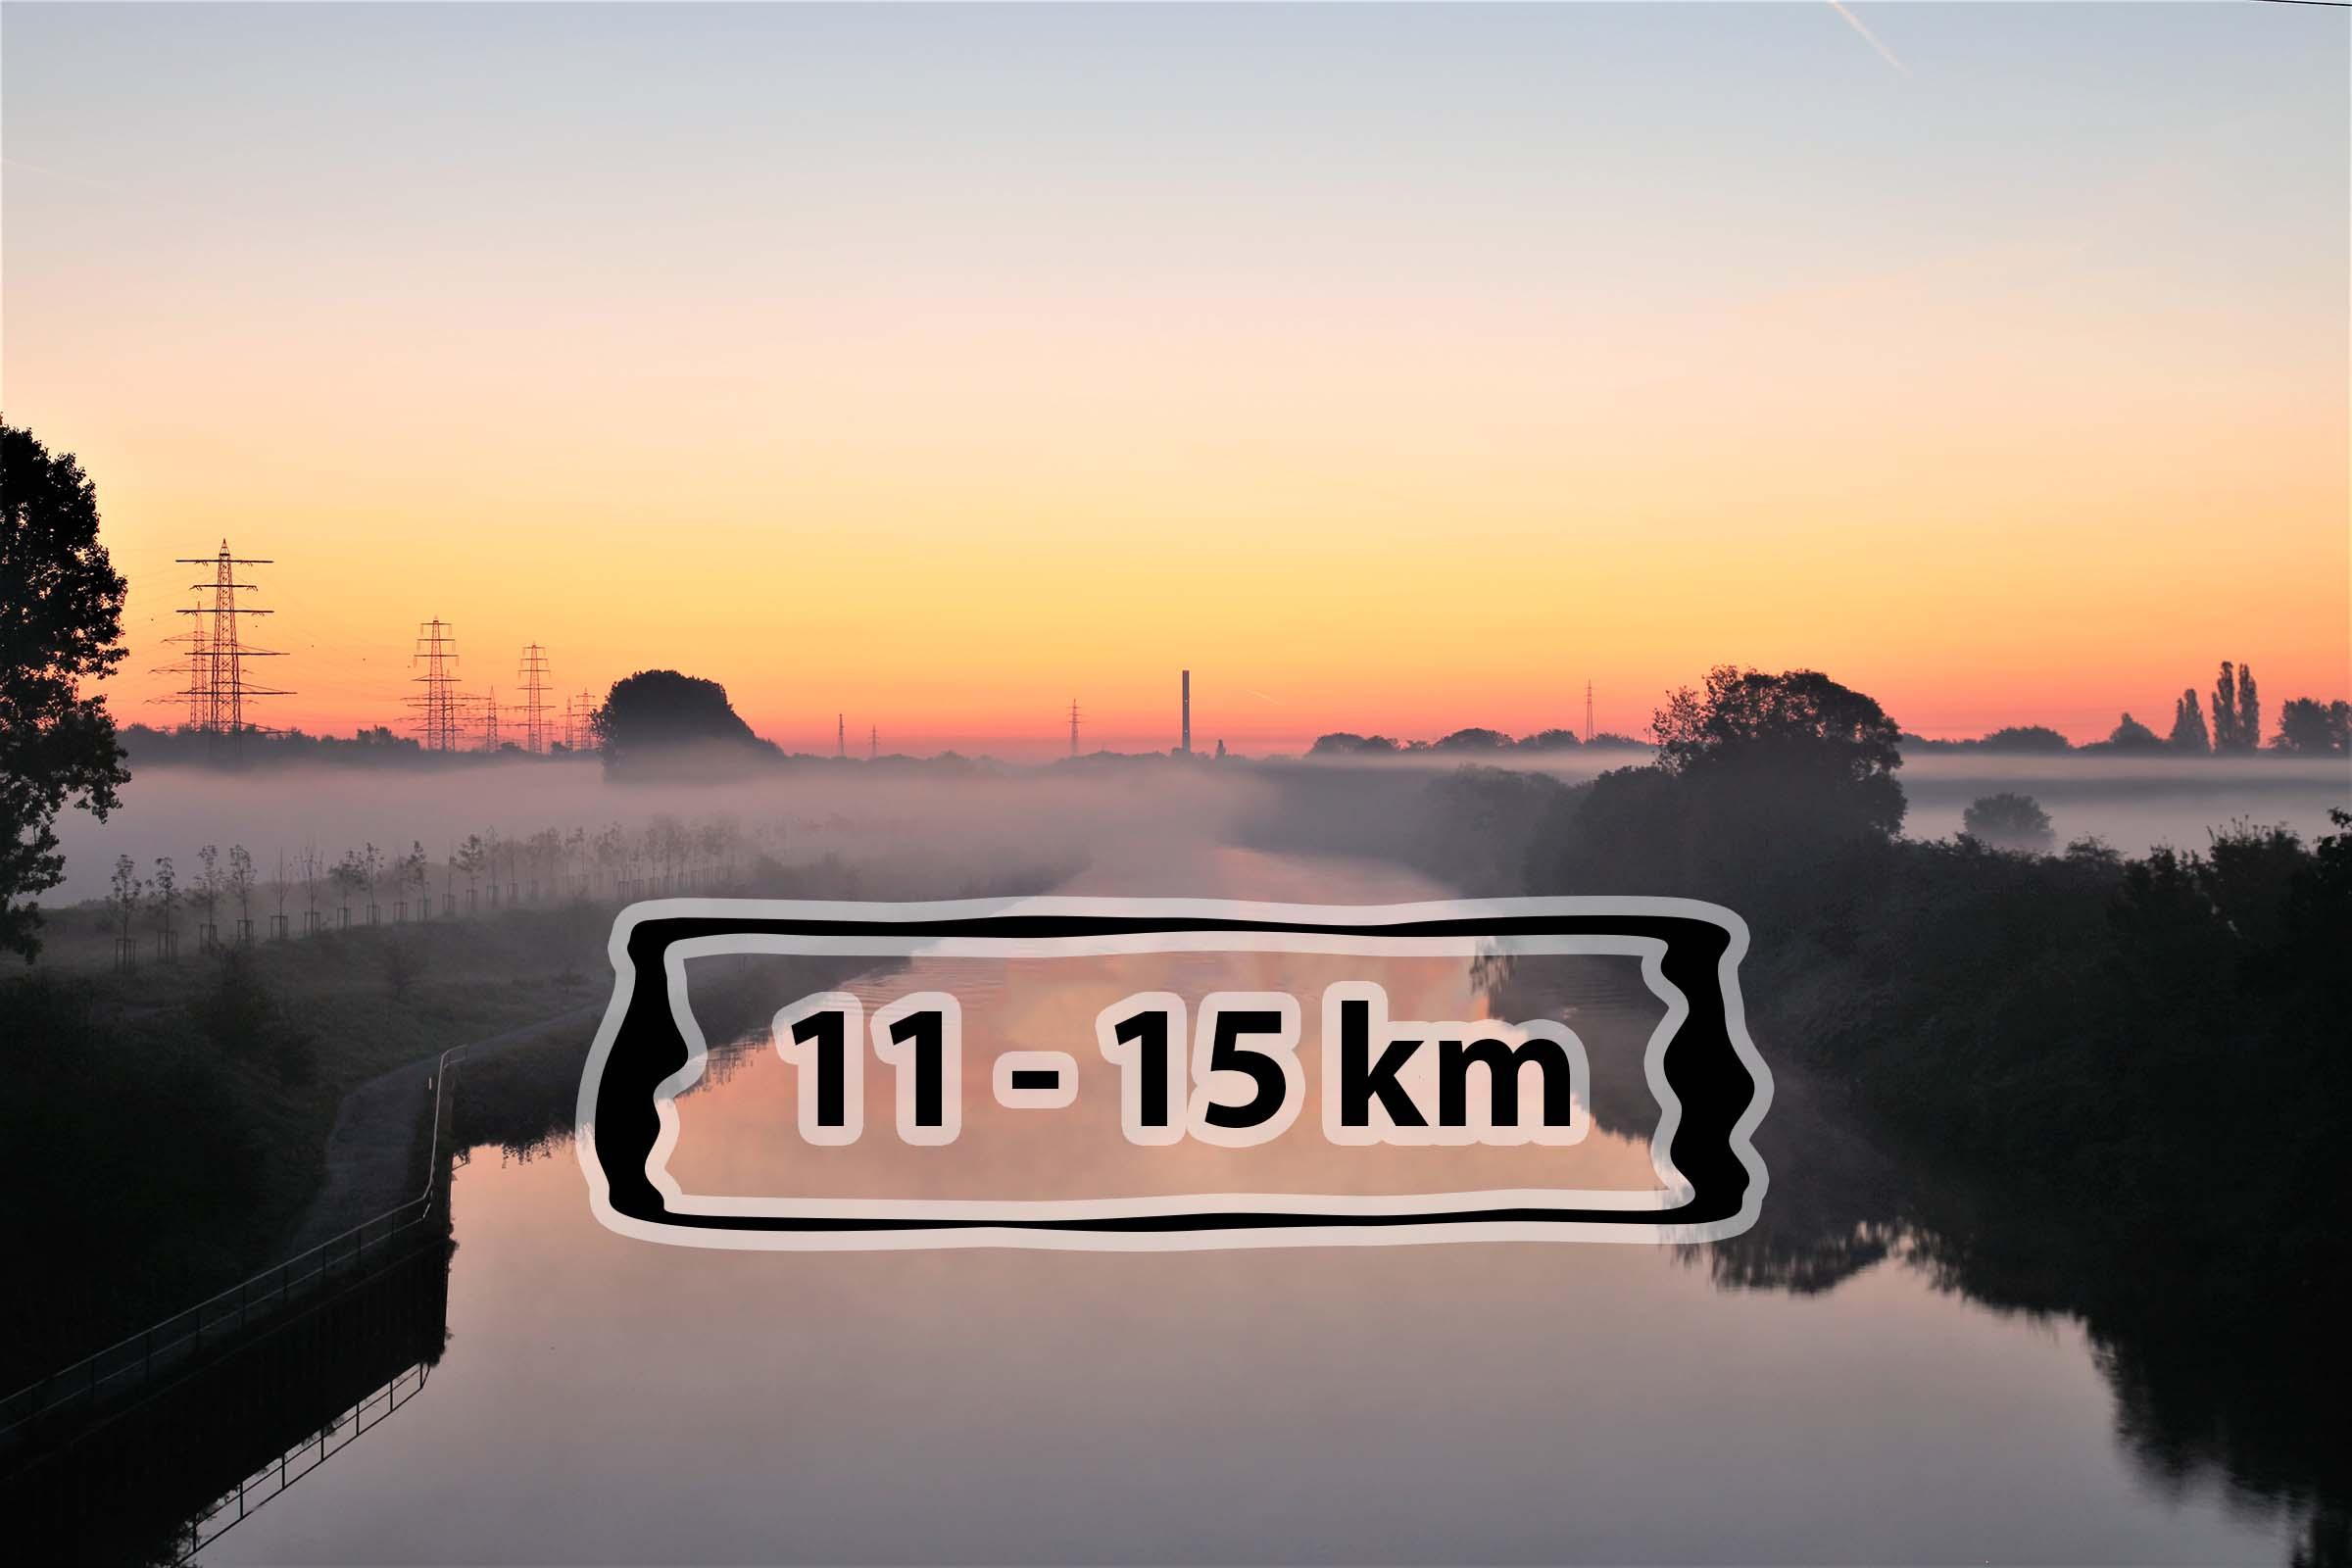 Laufstrecken in Oberhausen am Rhein-Herne-Kanal - 11-15 km